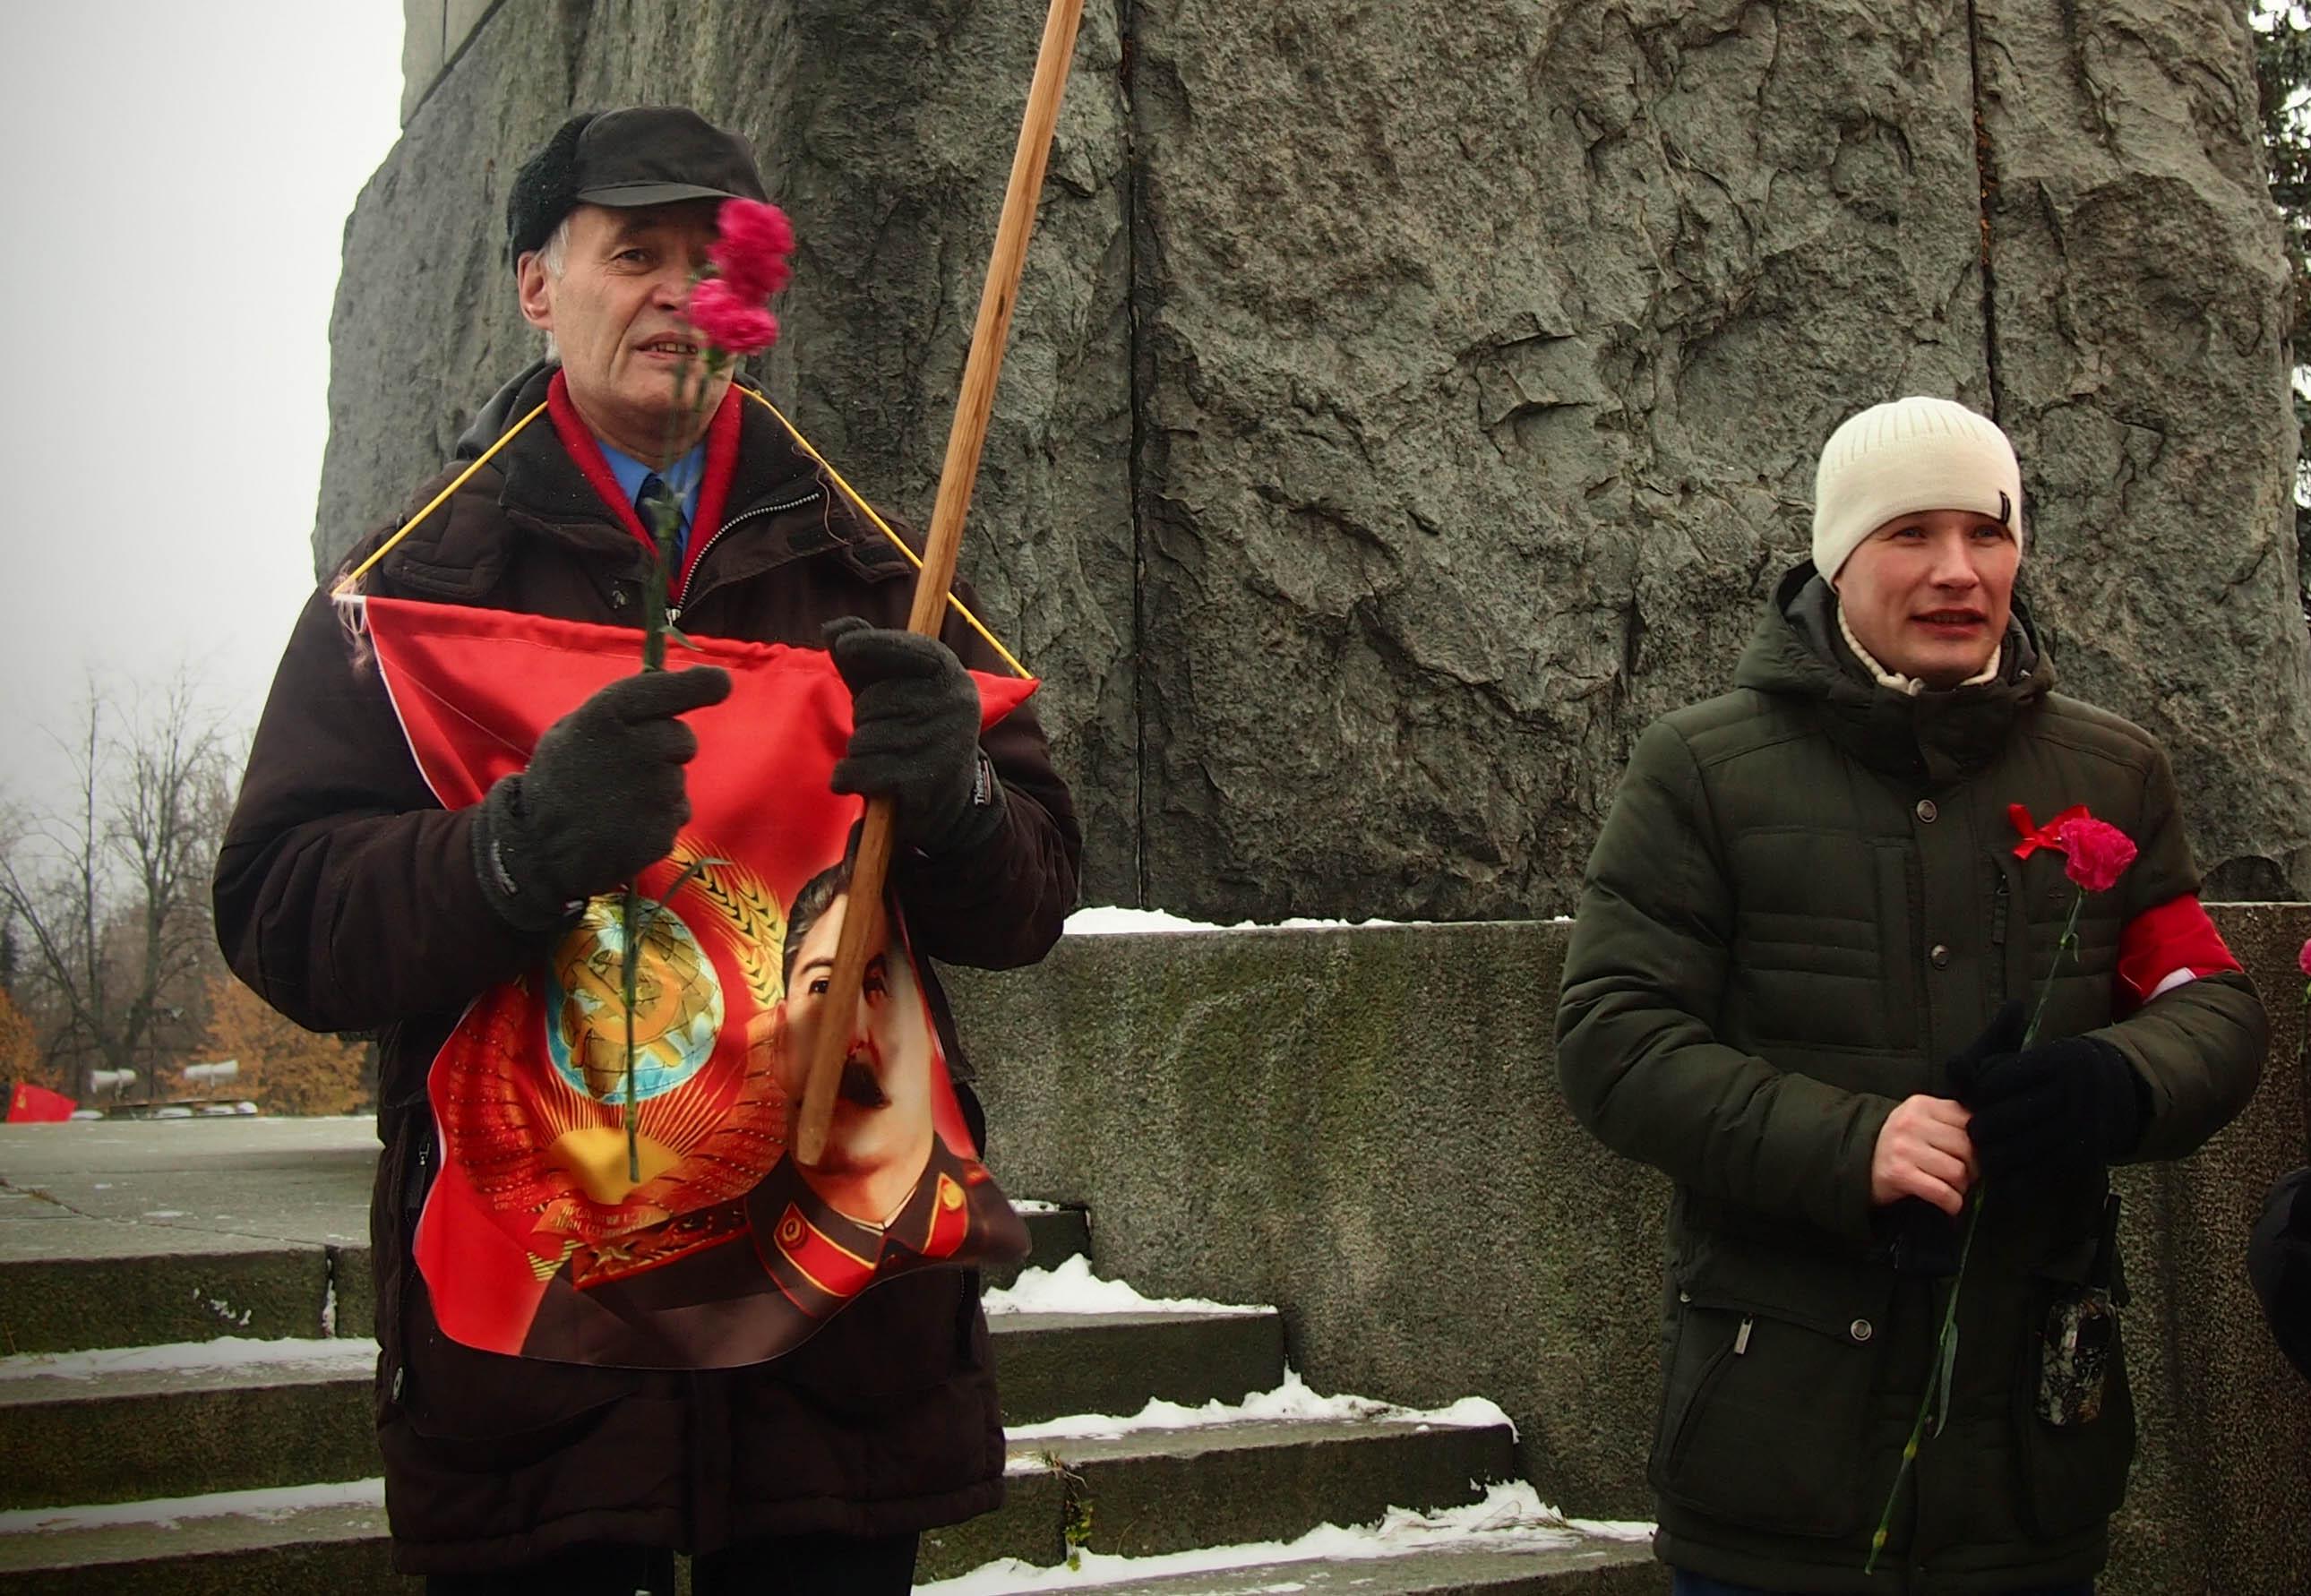 Депутат парламента Карелии Валерий Шоттуев пришел на демонстрацию с портретом Сталина. Фото: Валерий Поташов